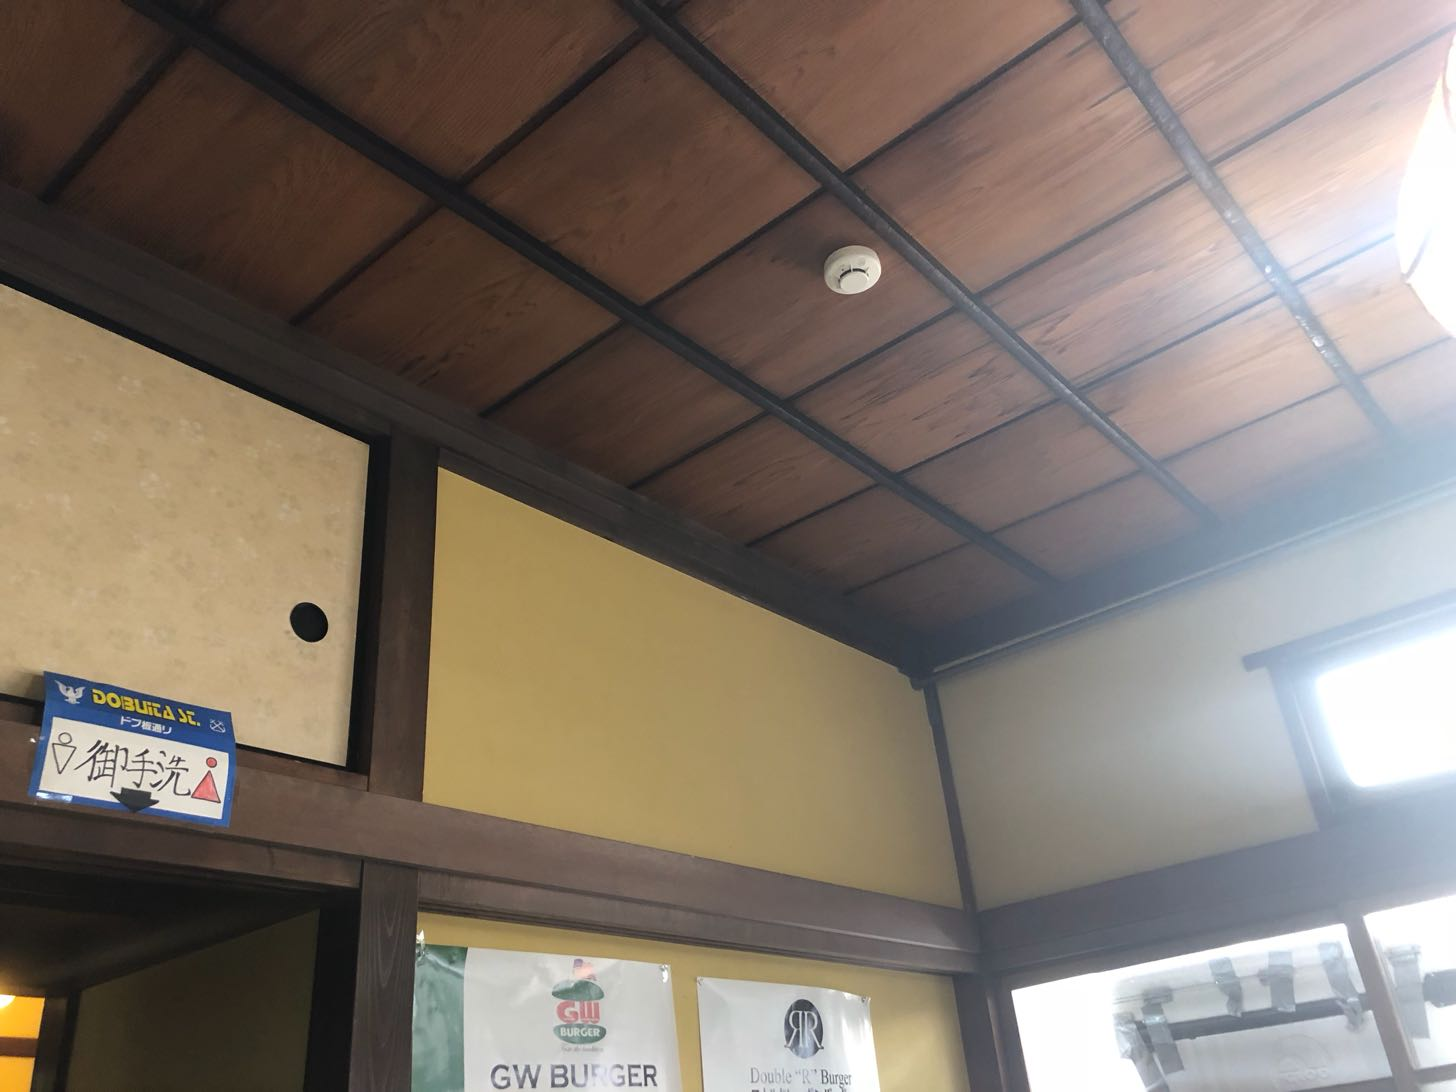 ツナミカレーアンドグリルの天井